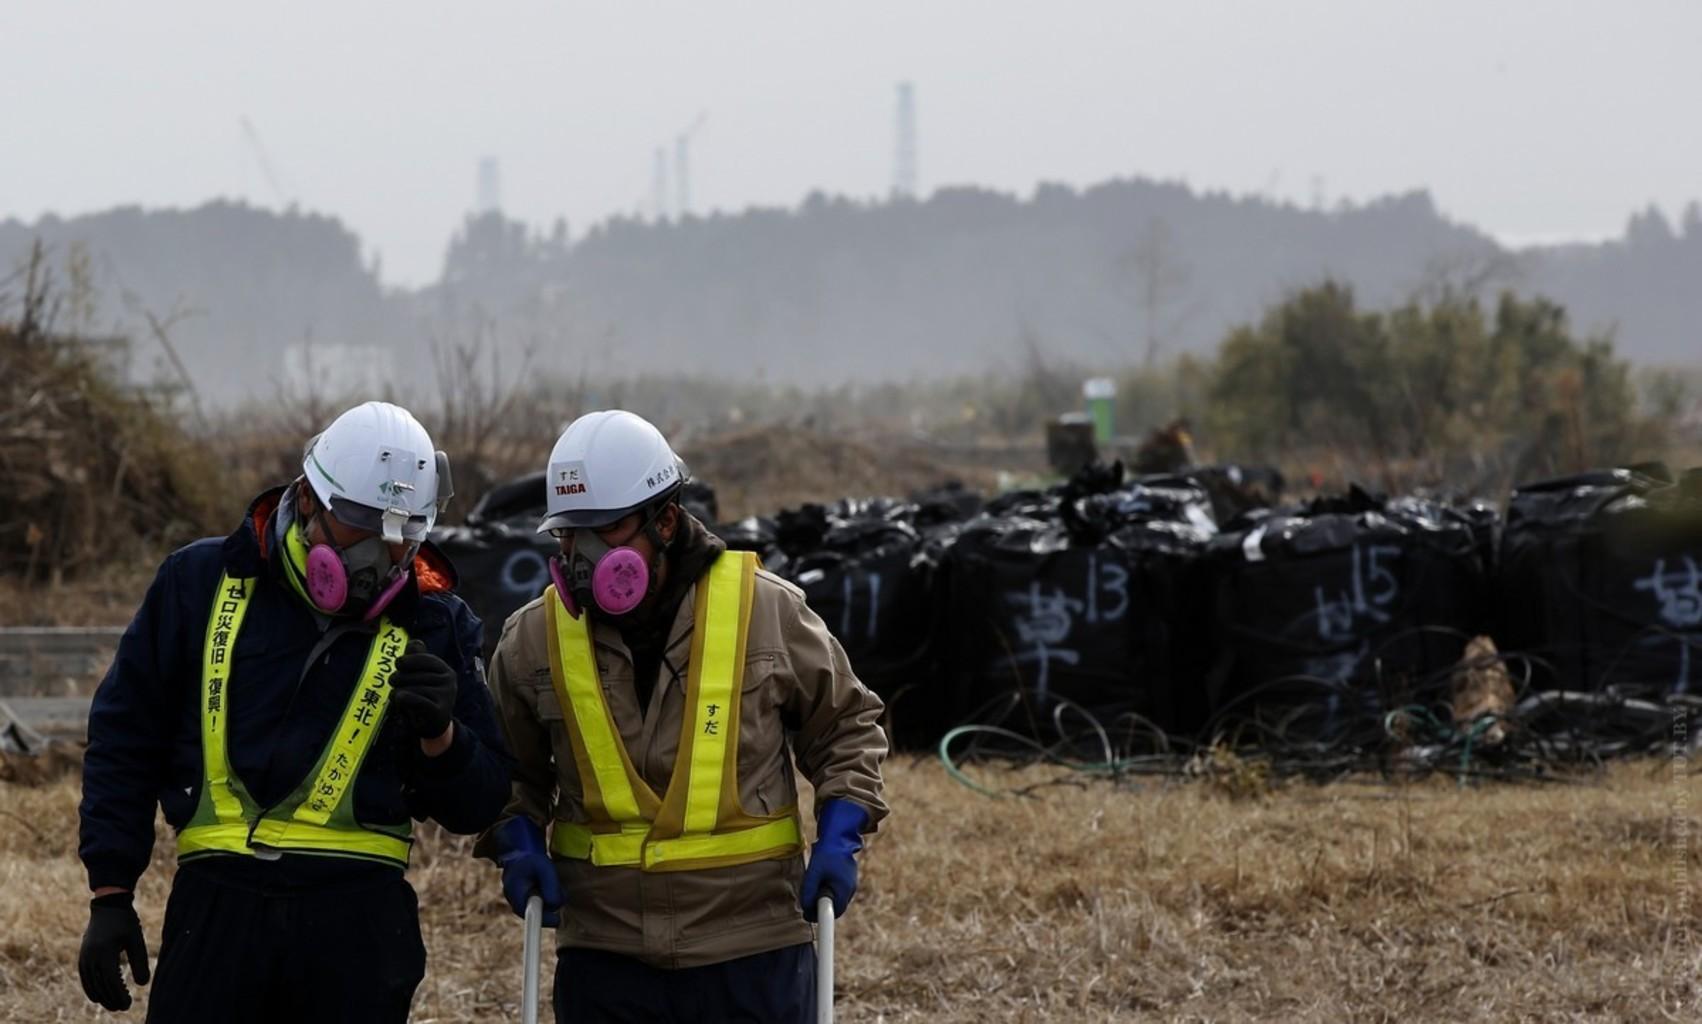 Fukusima 20150310 reuters phsl 005